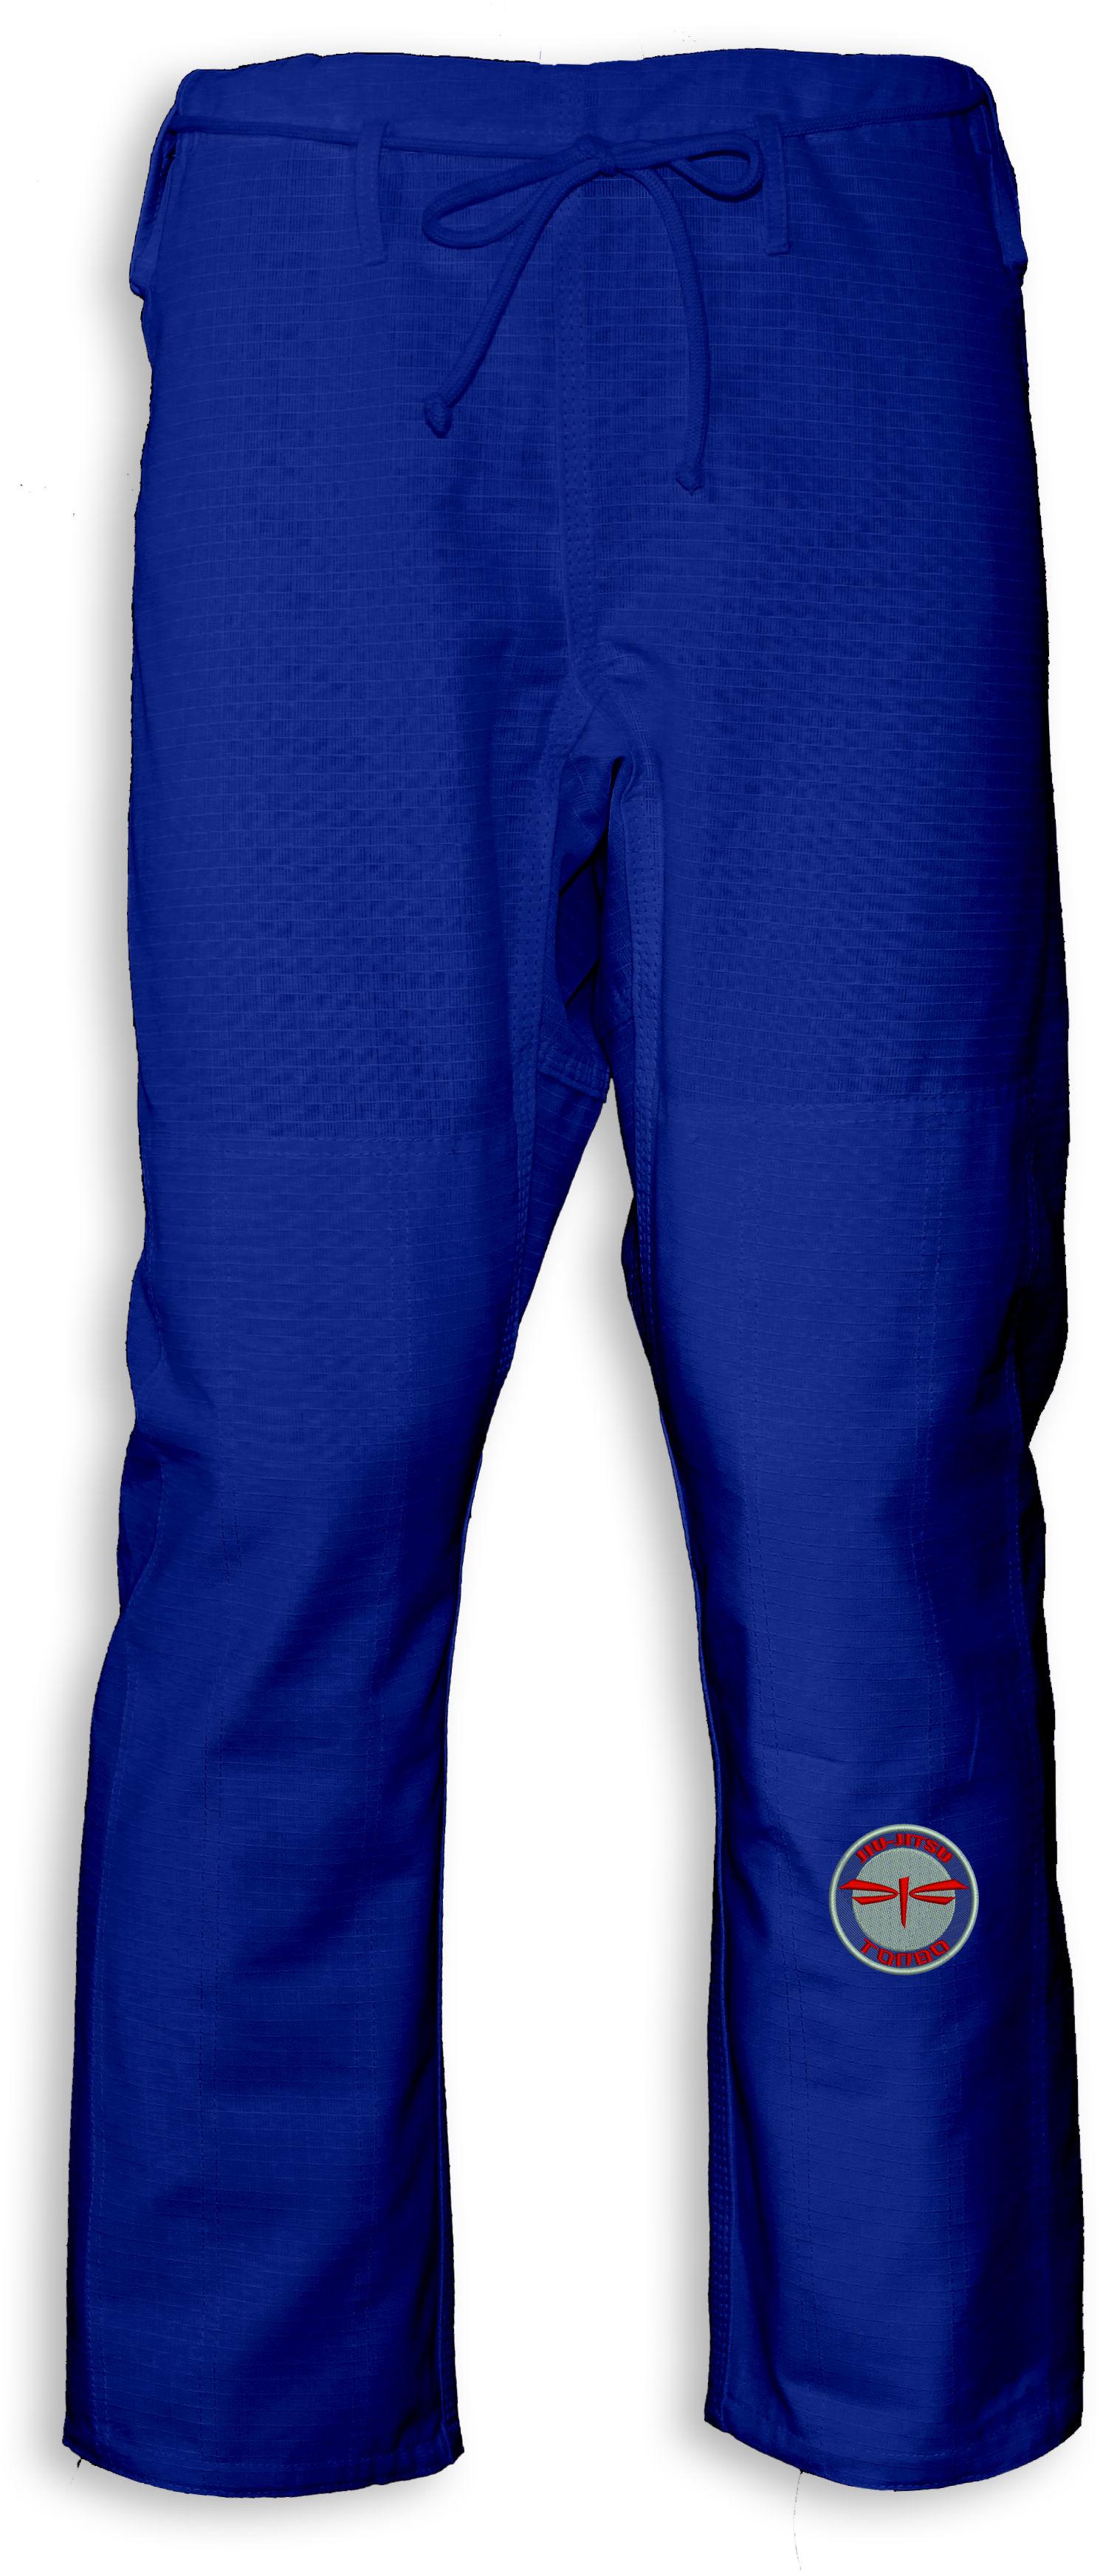 spodnie BJJ / Jiu-Jitsu NAKED-RIPSTOP, niebieskie (27 rozmiarów)